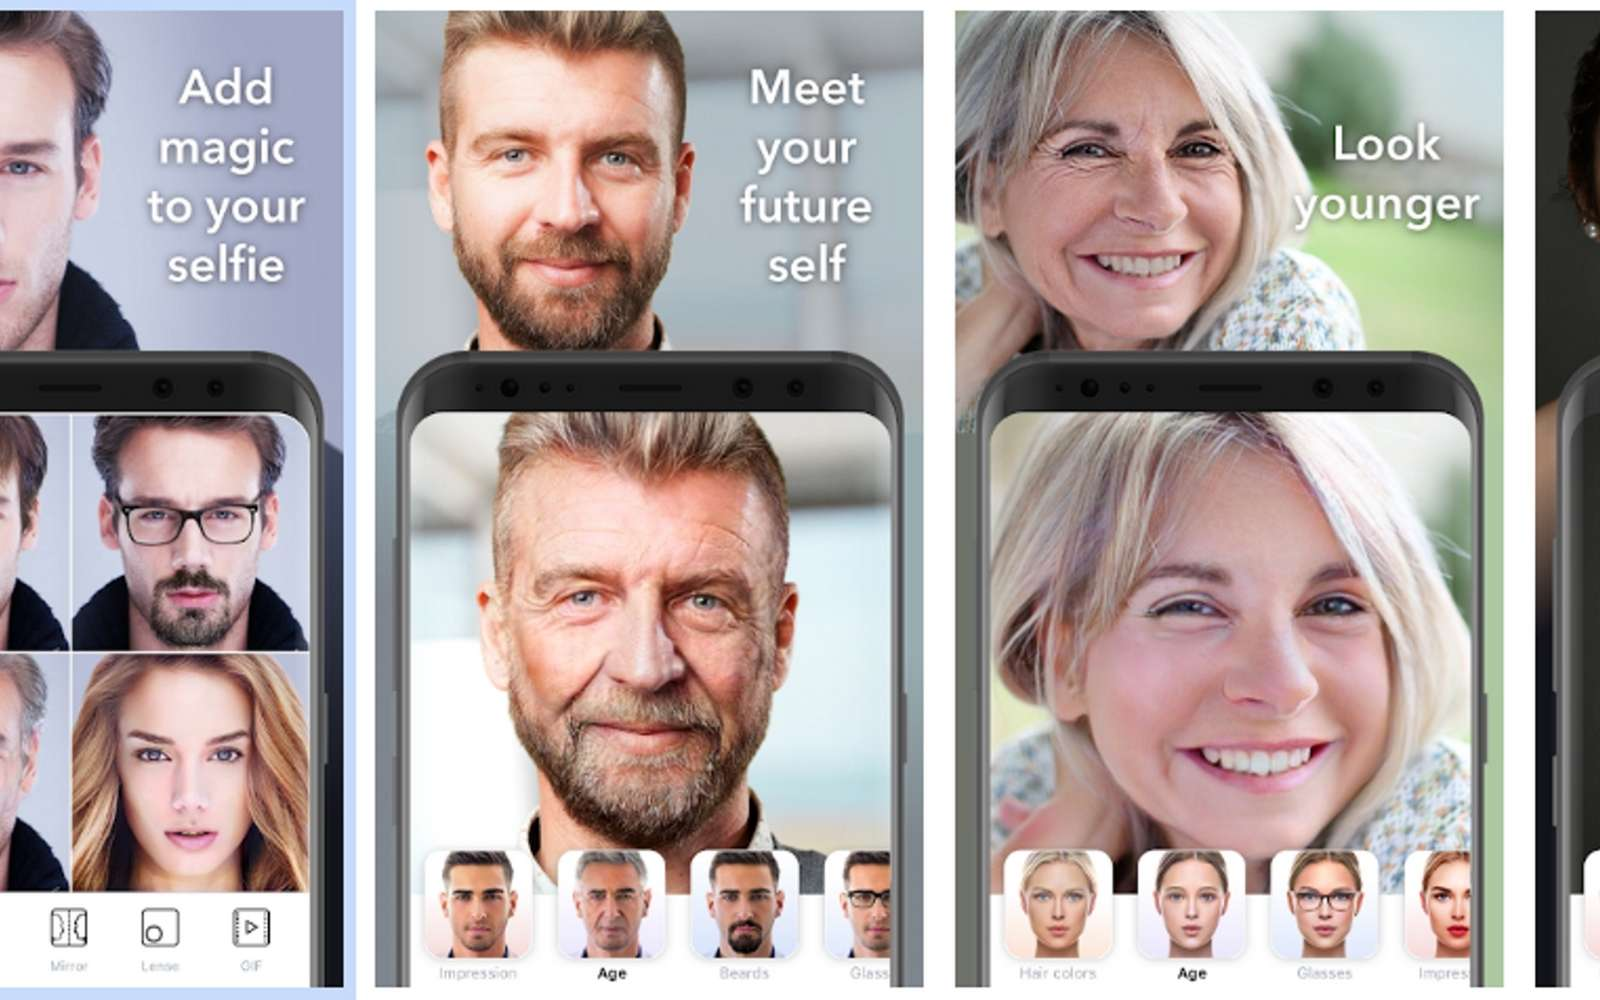 Virale, l'application FaceApp fait l'objet d'une polémique sur l'usage qui est fait des photos transmises aux serveurs de son éditeur. © FaceApp